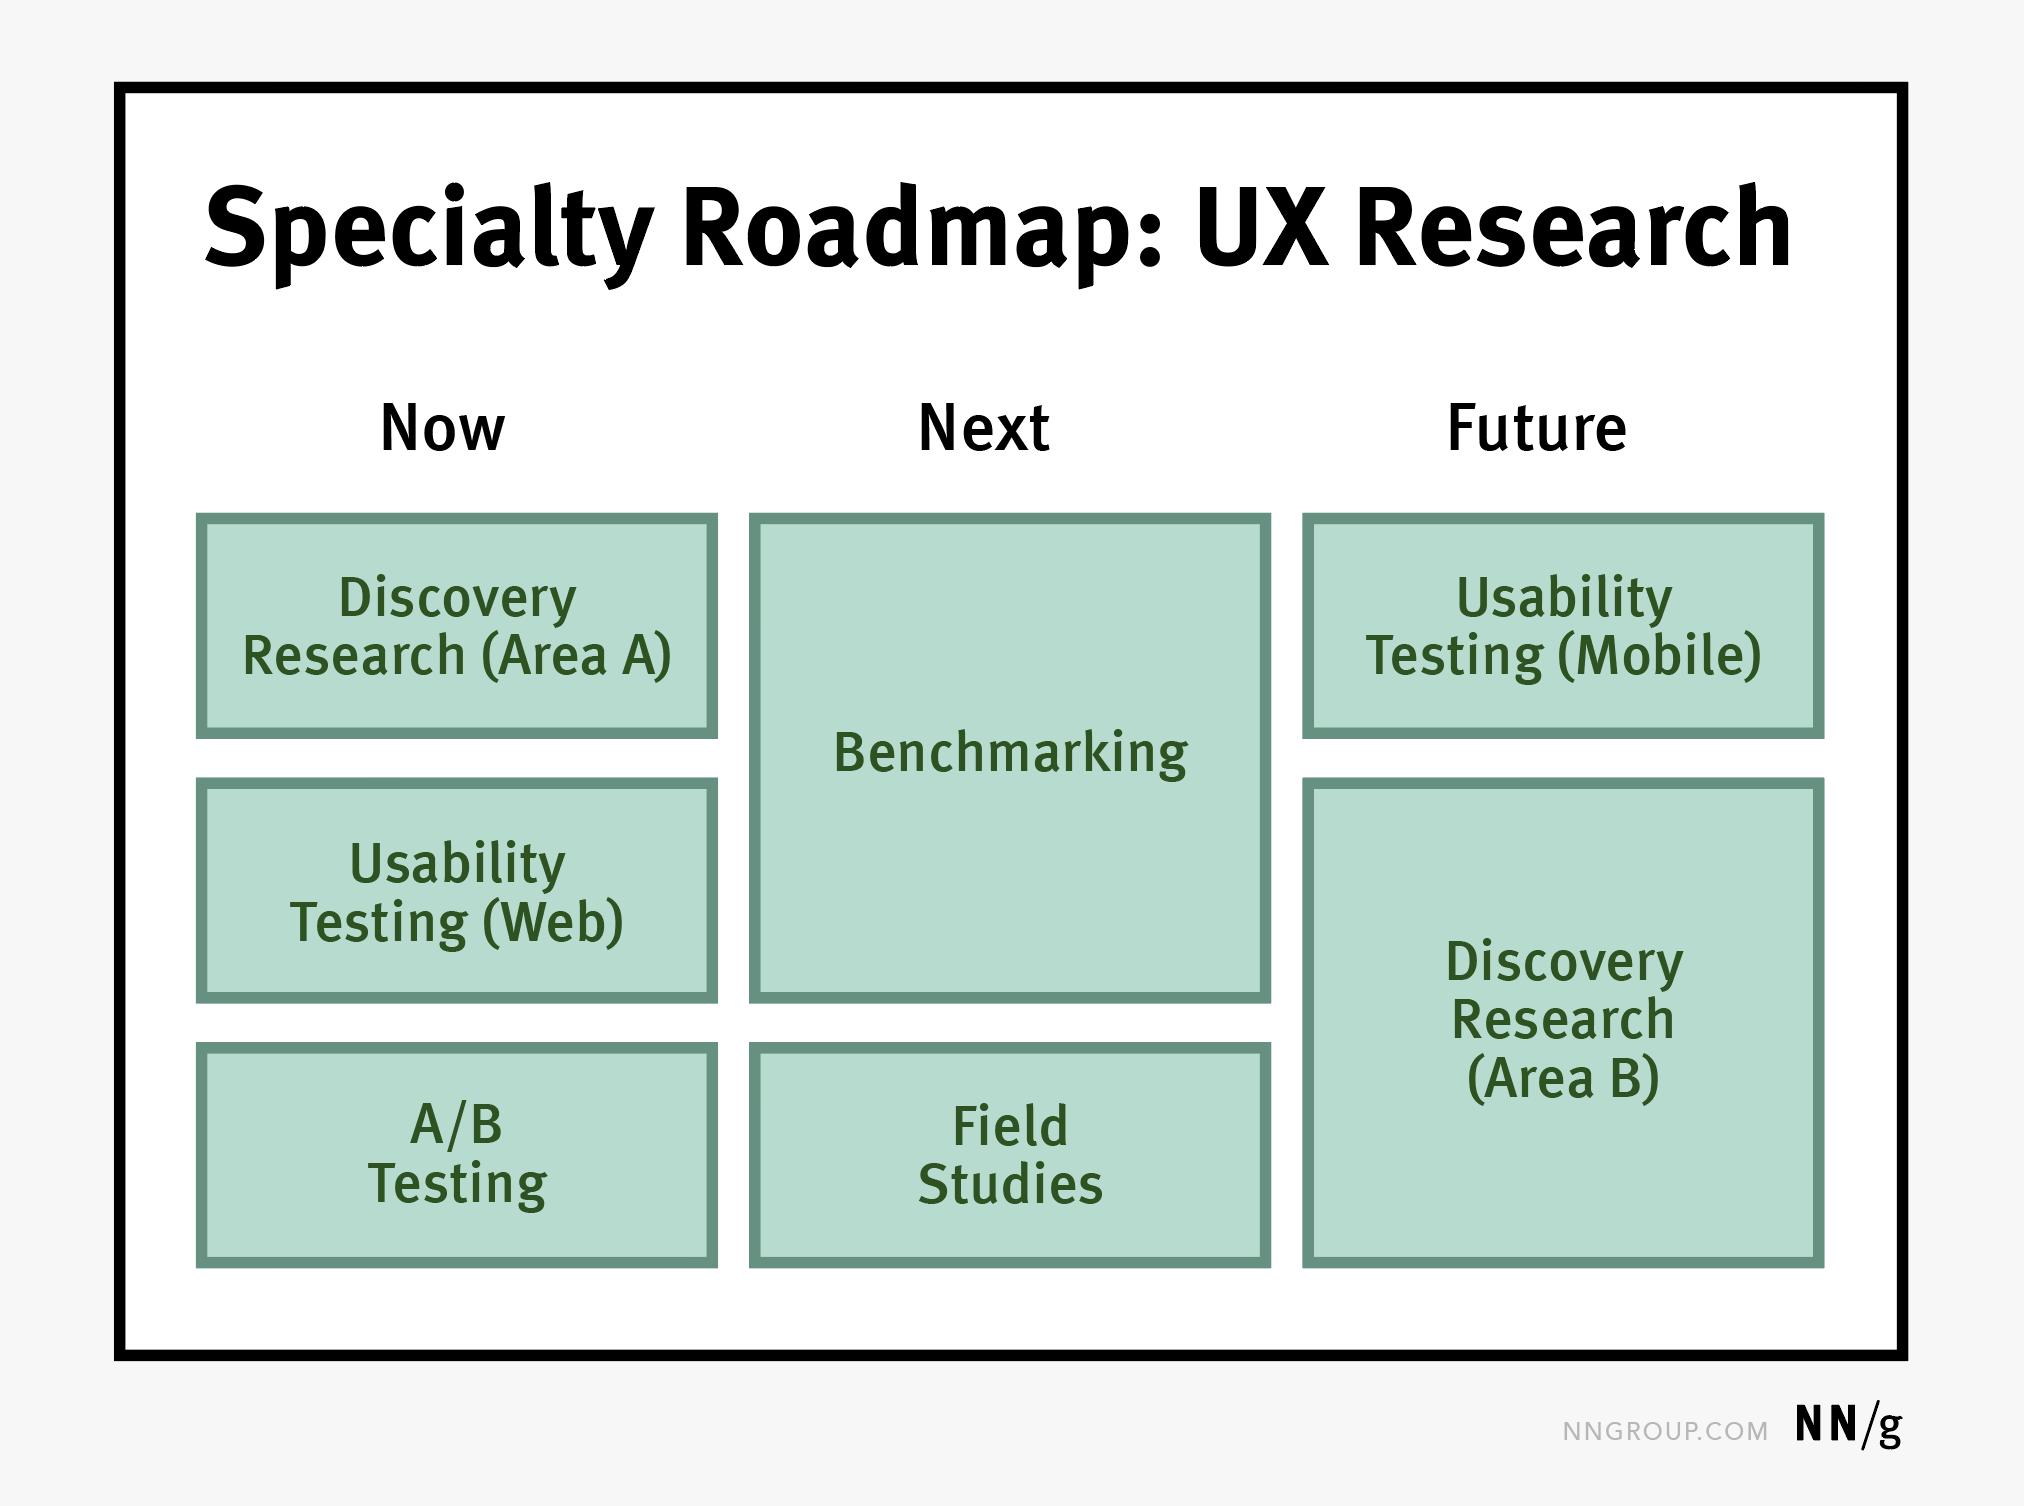 专业路线图描绘一个特定的用户体验领域。